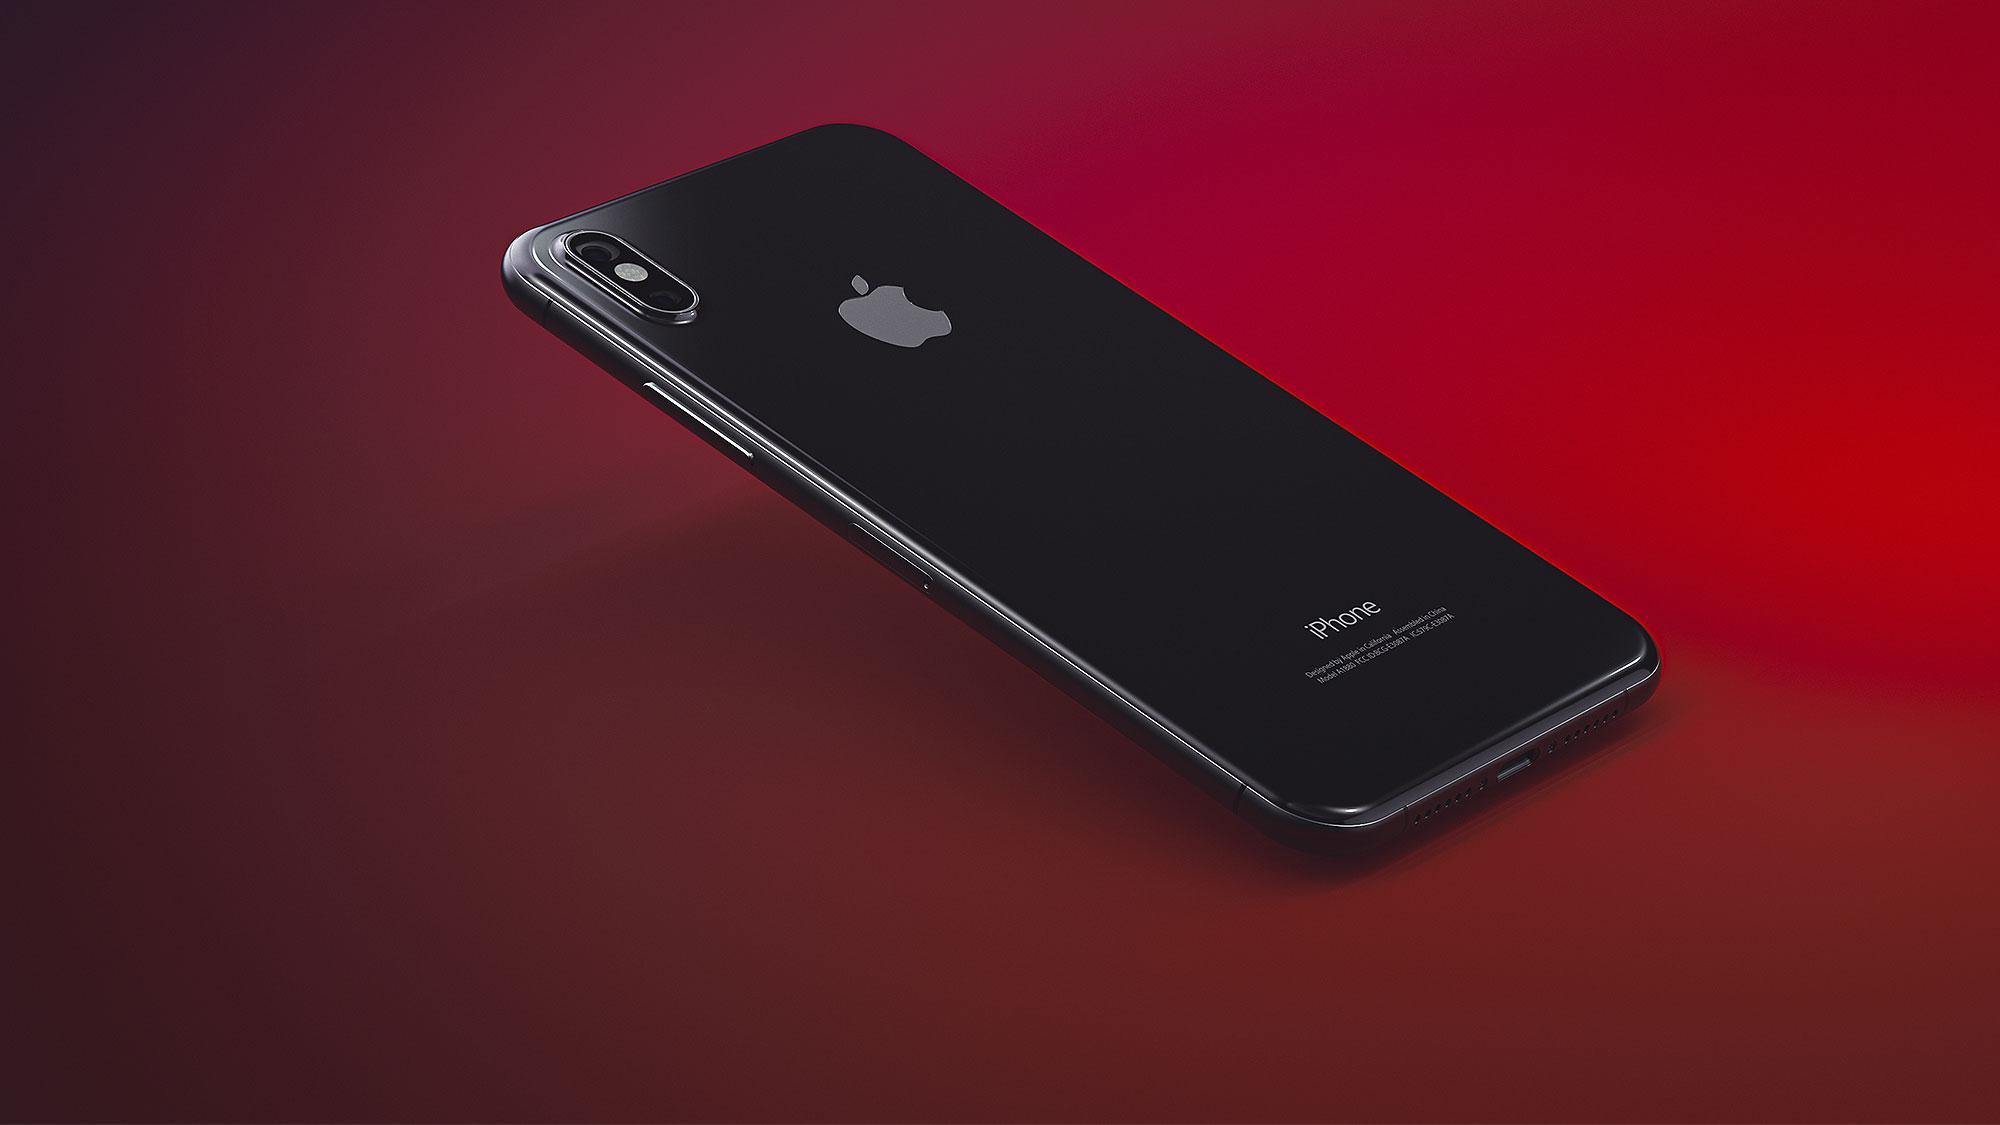 Презентация Apple пройдёт раньше обычного. iPhone 12, Apple Watch, AirPower — на что откладывать деньги?